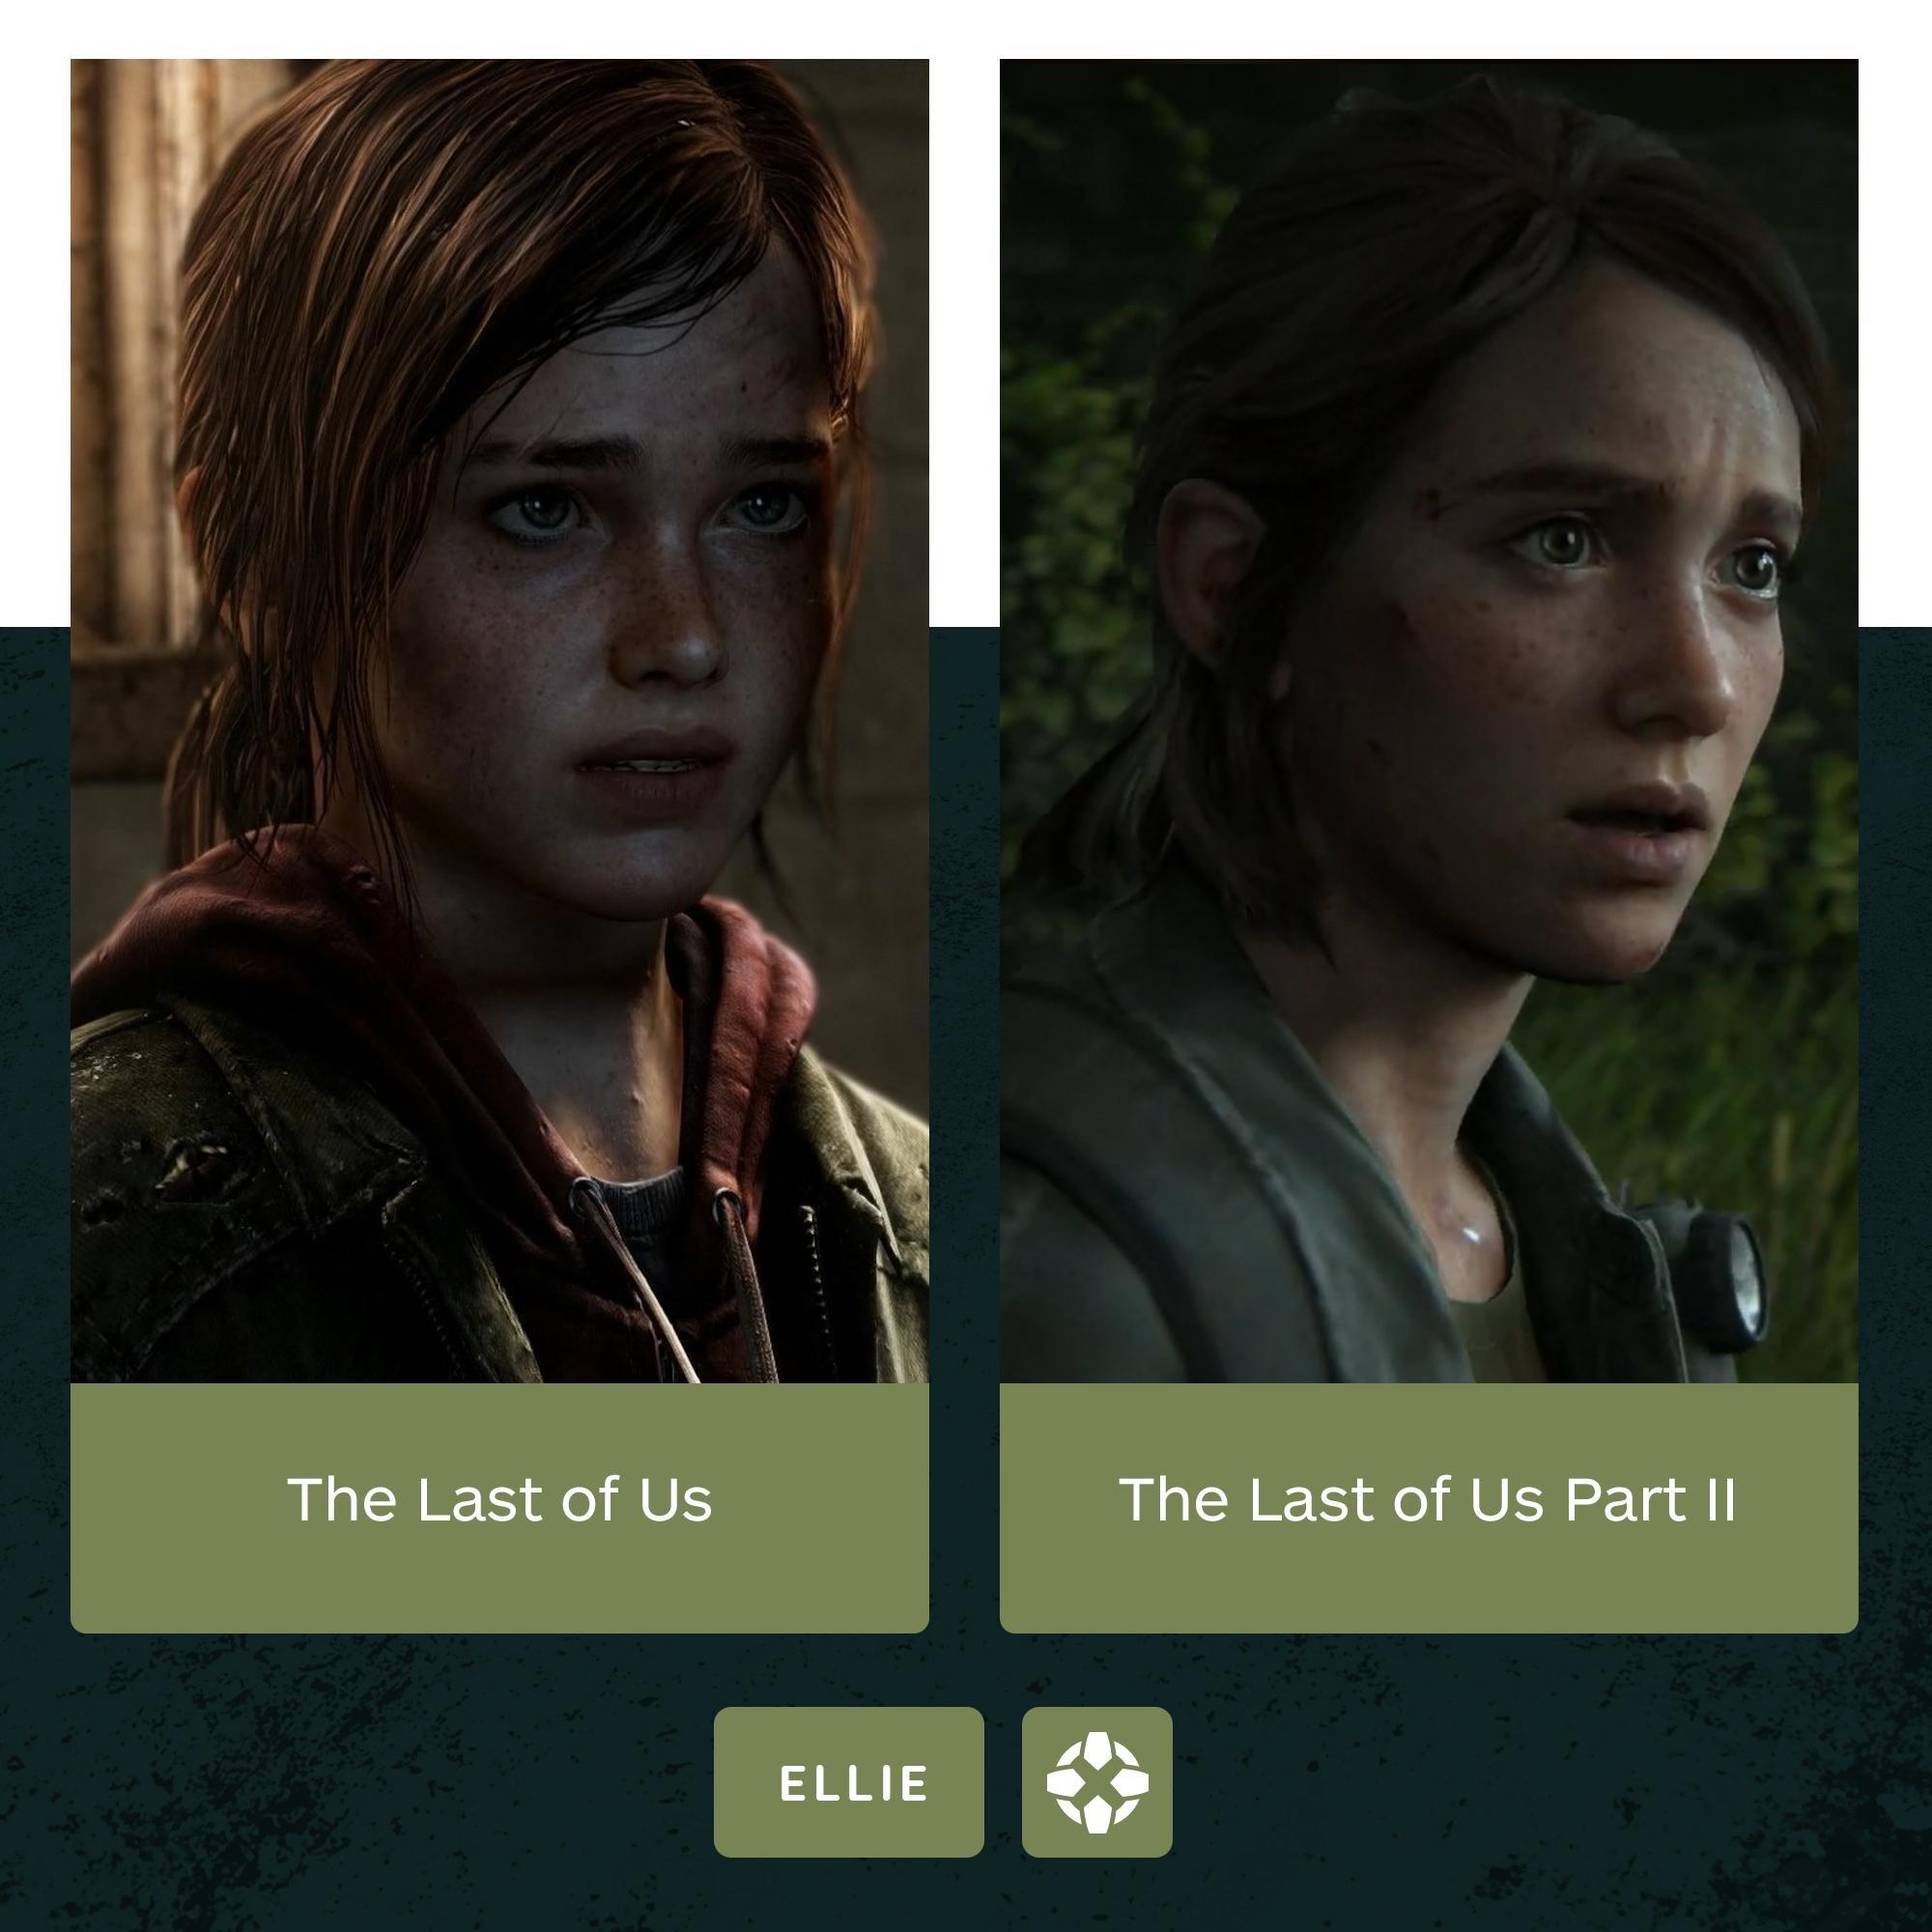 5年岁月如刀 IGN晒出《最后生还者》乔尔艾莉对比图